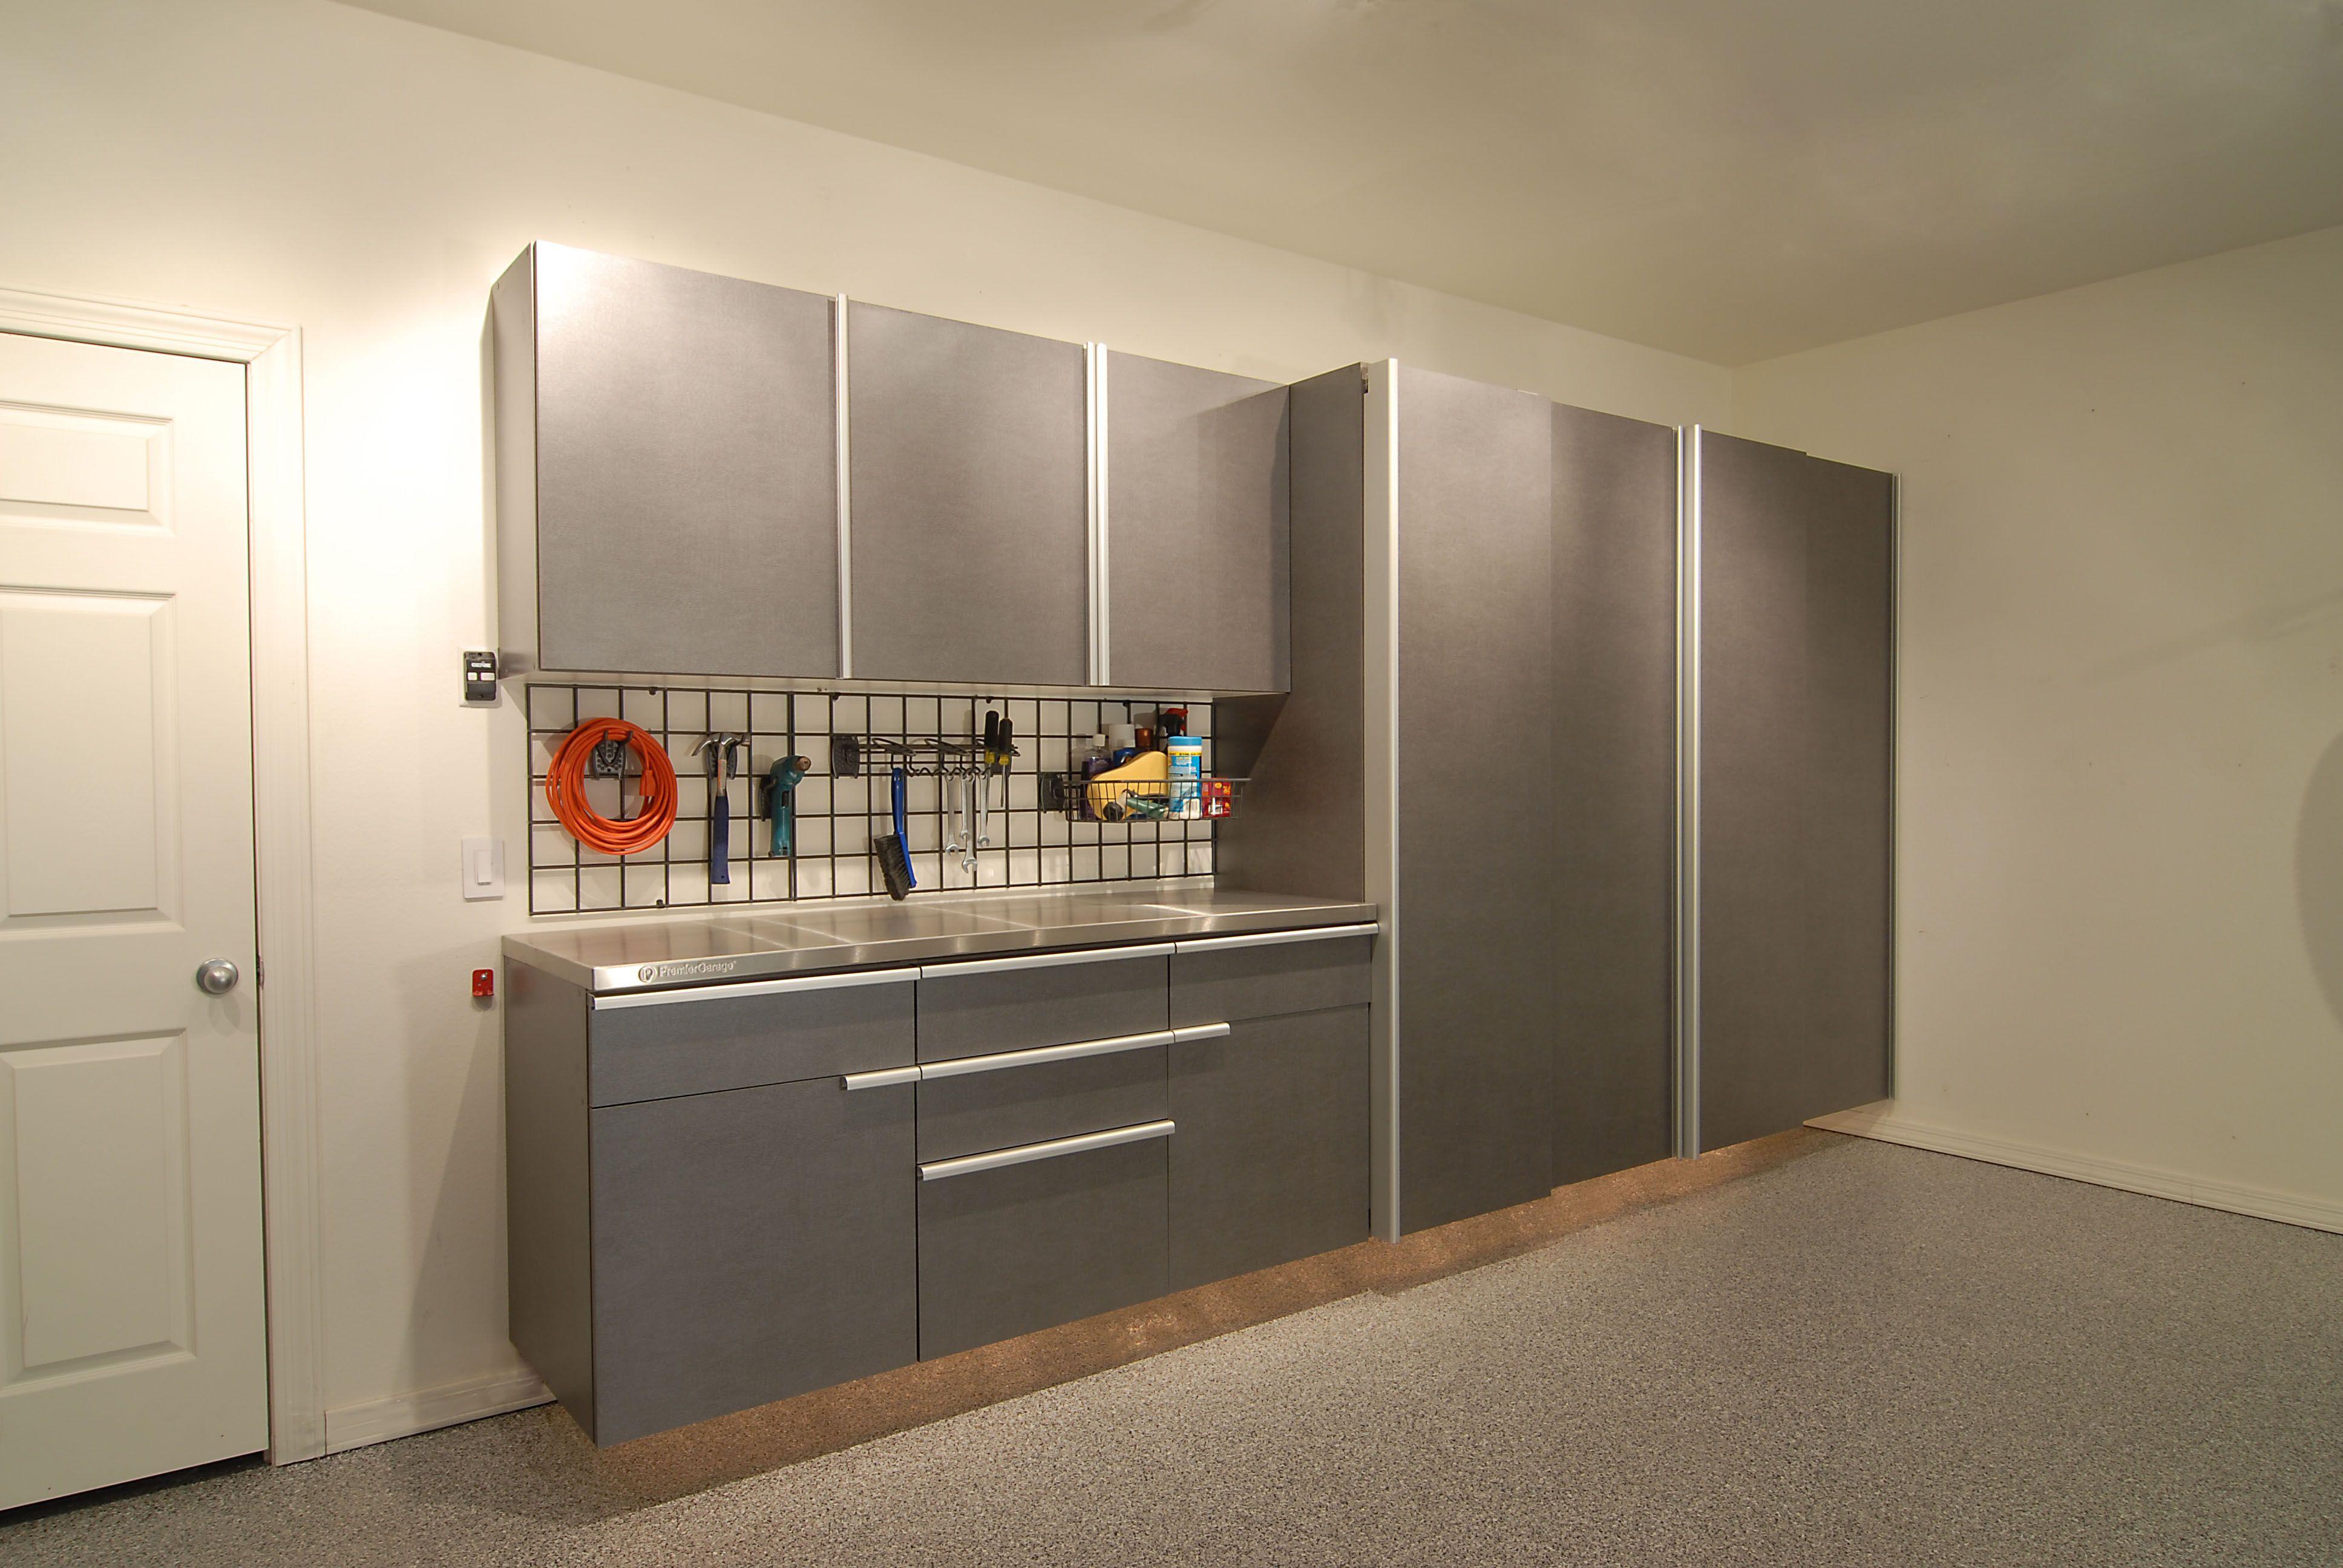 Premier Garage Cabinets #17: 1000+ Images About Premier Garage On Pinterest   Stainless Steel Cabinets, Storage U0026amp; Organization And Garage Storage